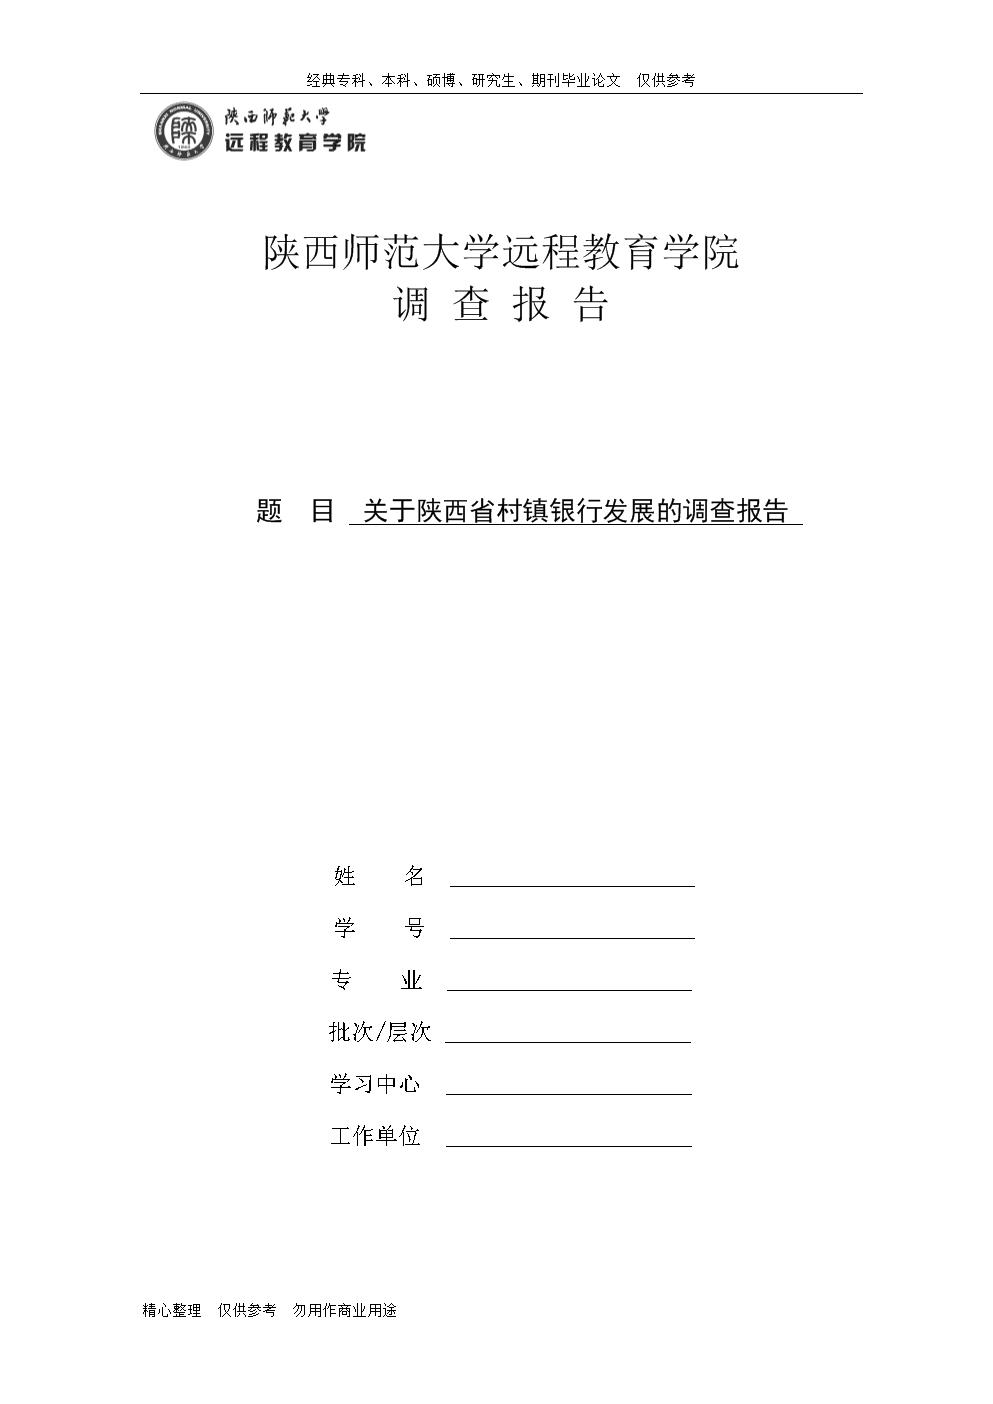 关于陕西省村镇银行发展的调查报告1(2018-03-23 15-05-09).docx